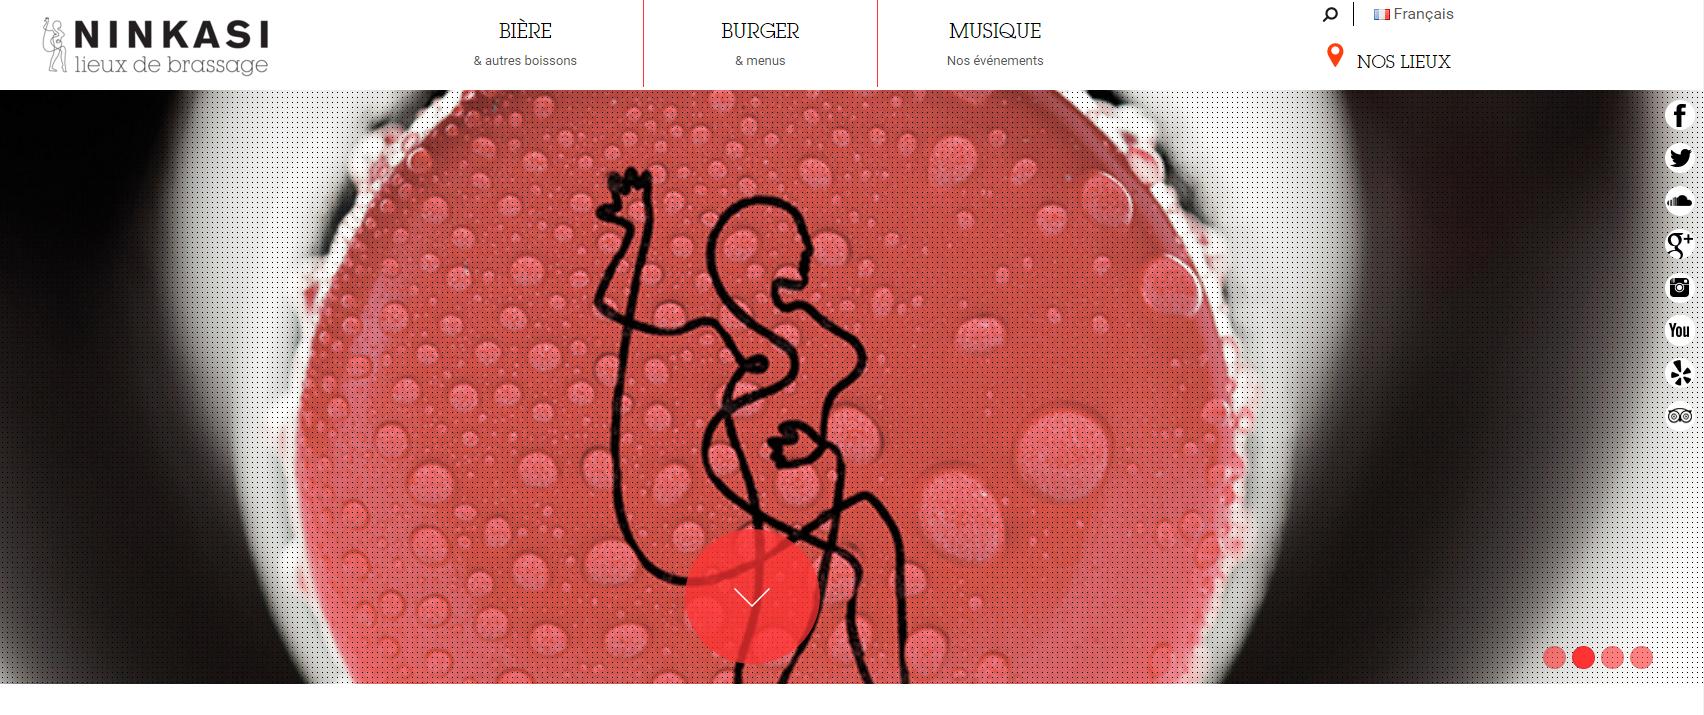 ninkasi home page